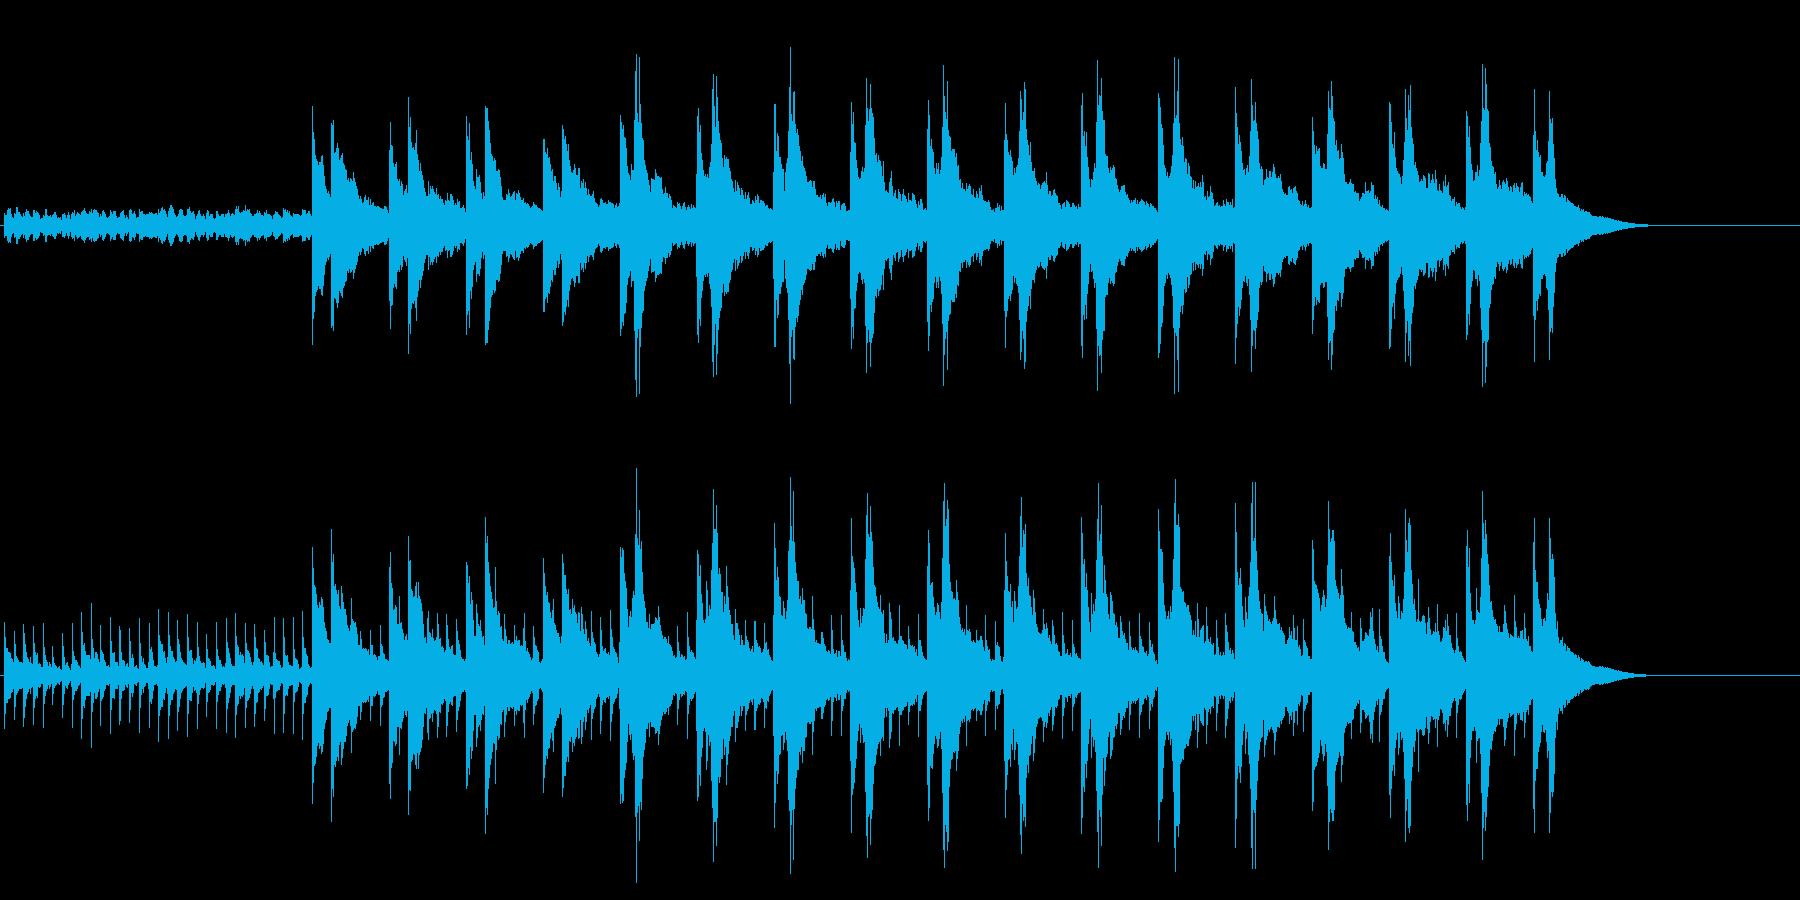 ミステリアス・サウンド(サイコチック)の再生済みの波形